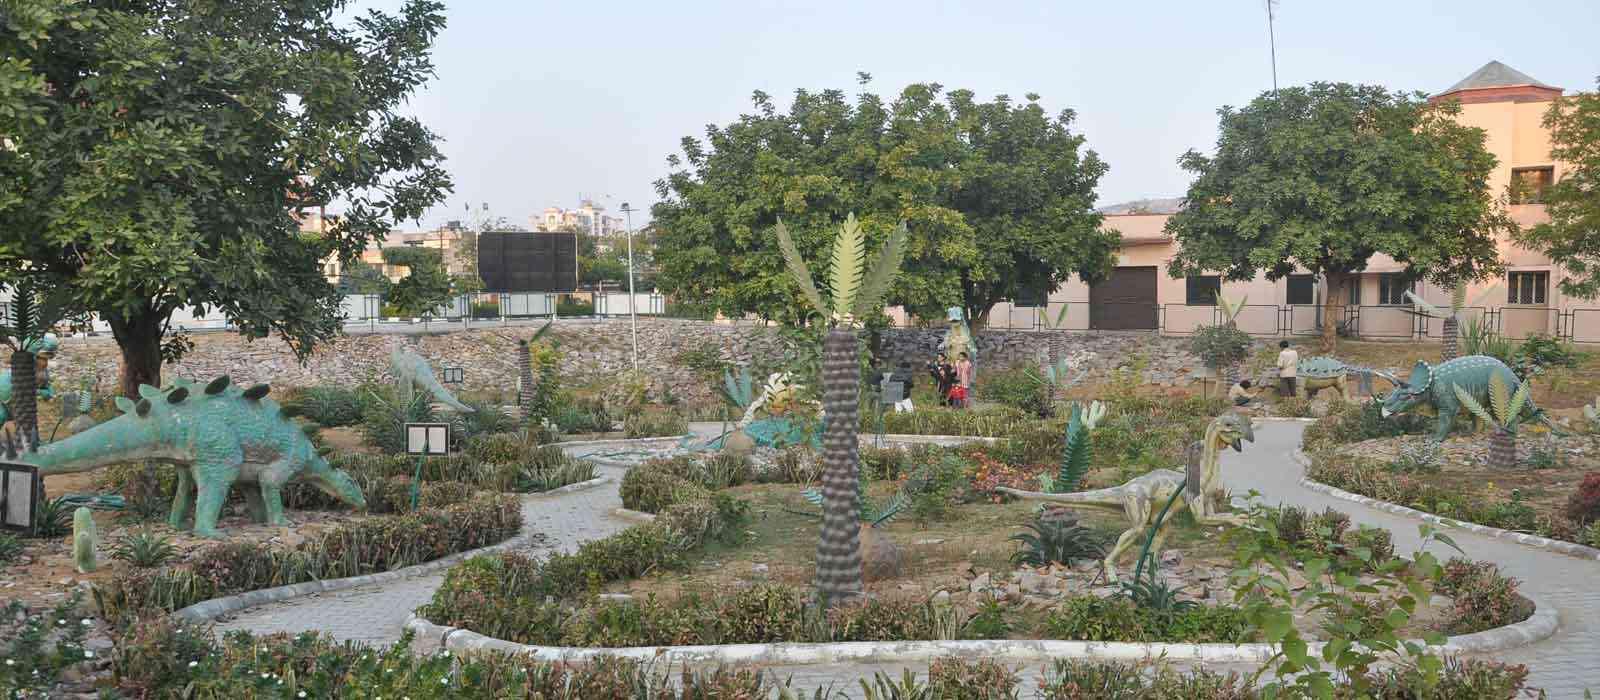 Science Park Rajasthan